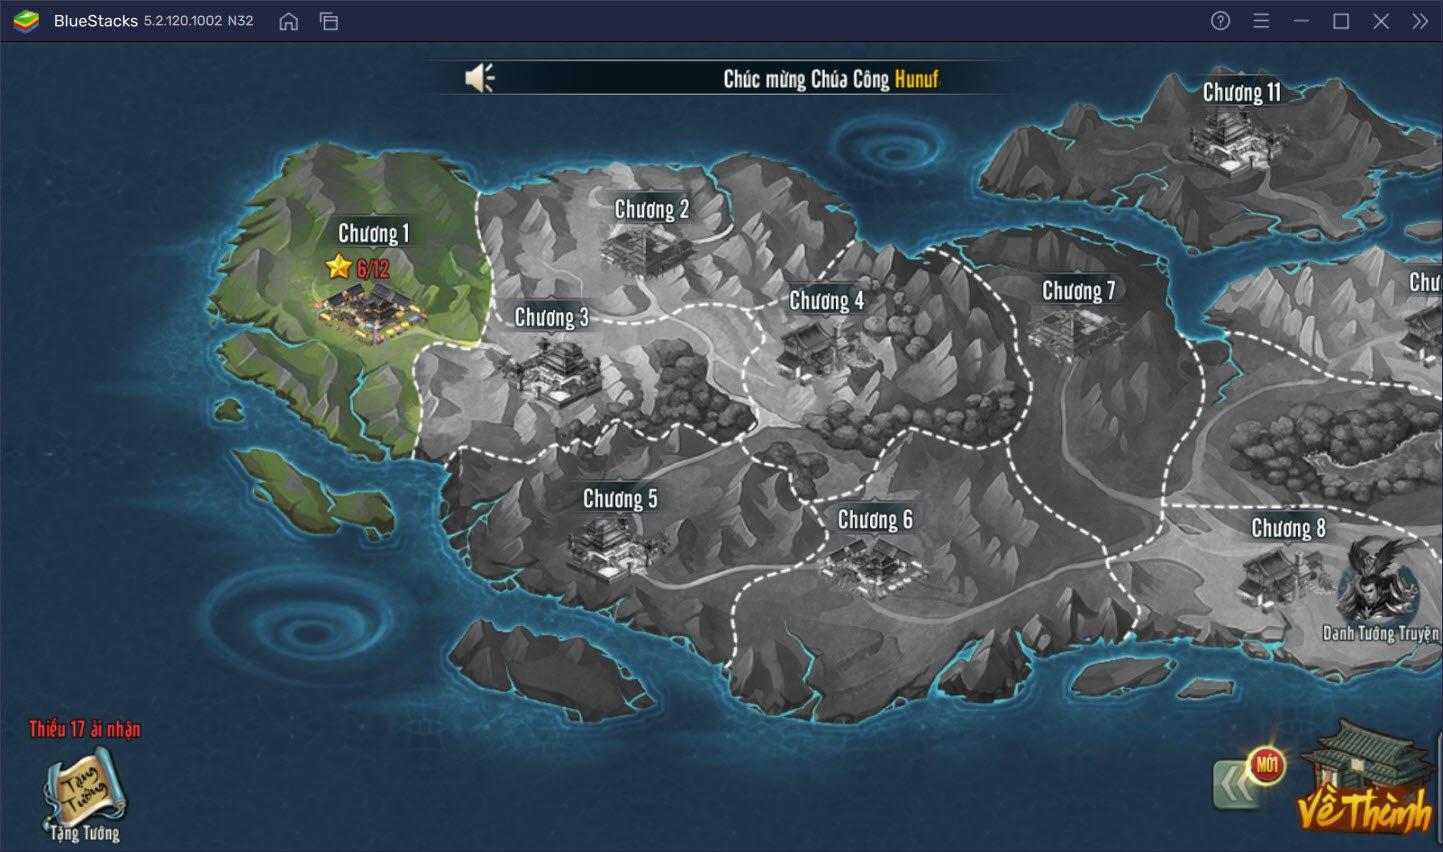 Gầy dựng giấc mộng bá chủ Đế Vương Tam Quốc trên PC cùng BlueStacks